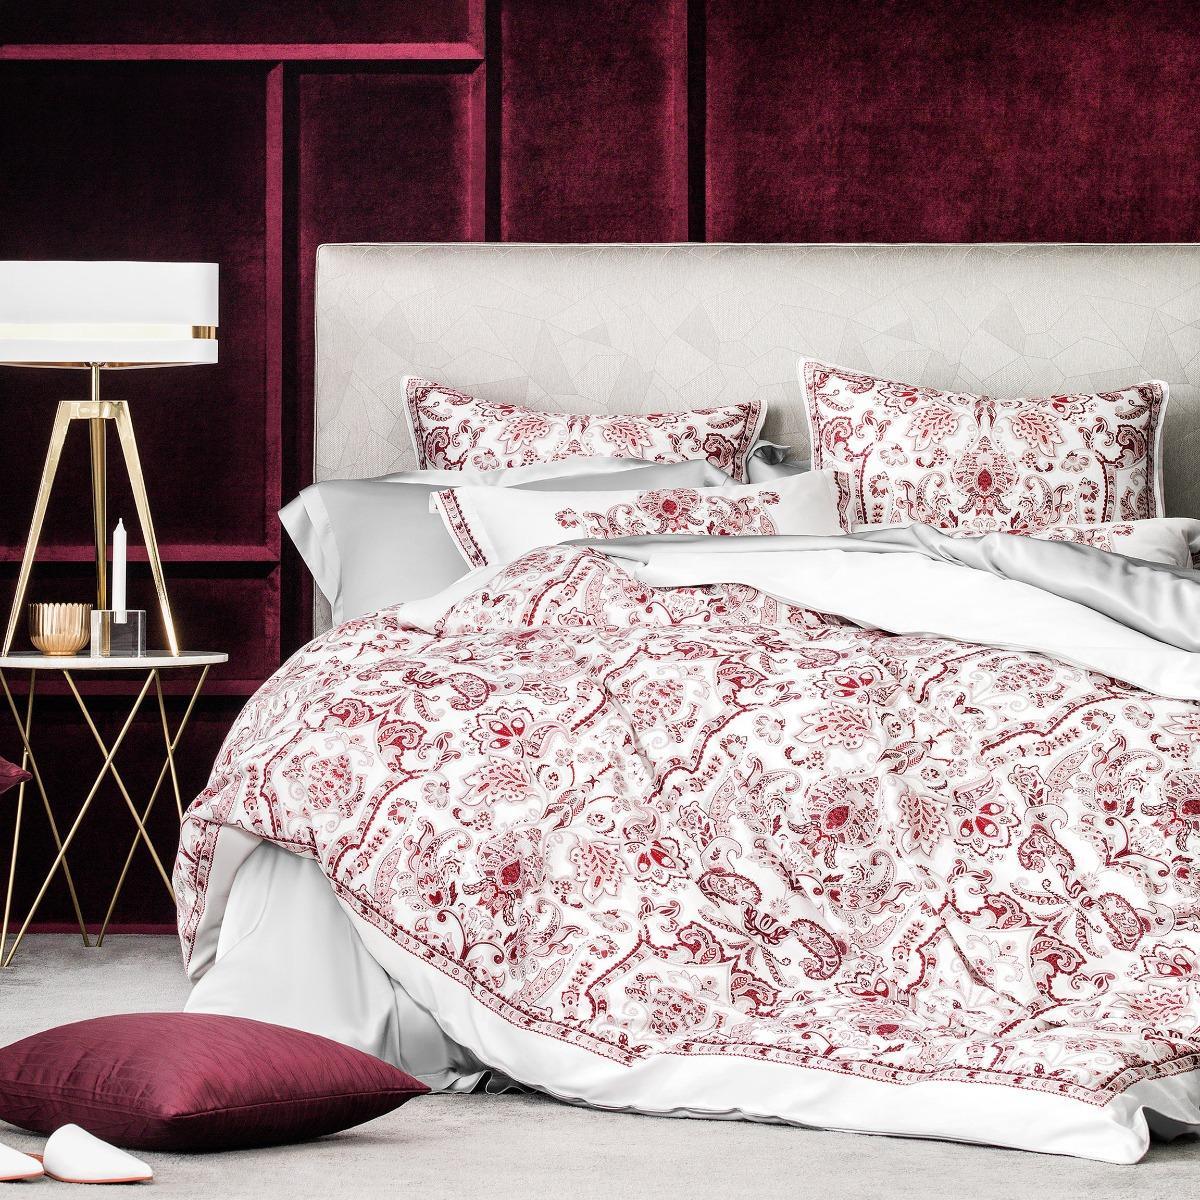 Комплект постельного белья Togas Розетта Двуспальный кинг сайз белый с розовым